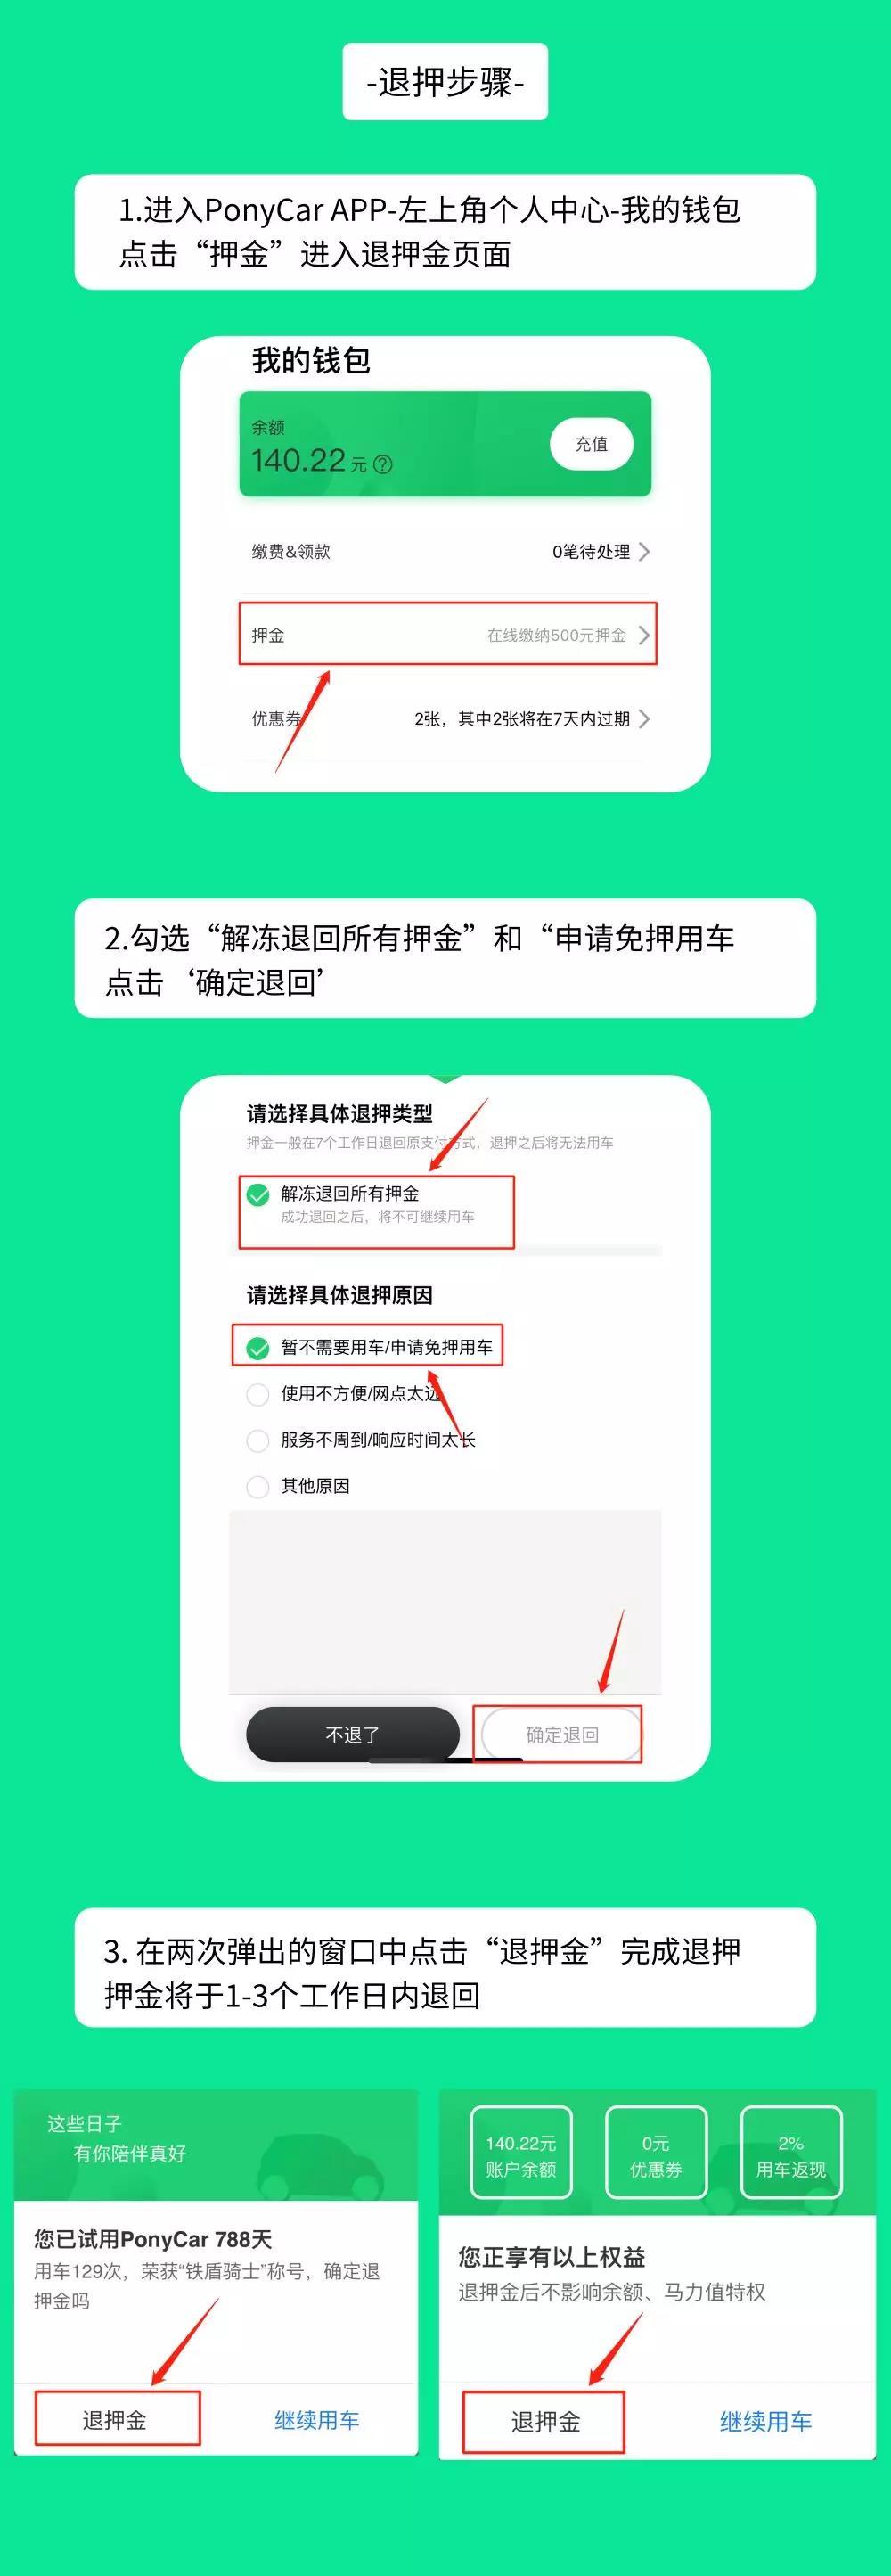 2019年1月9日起 深圳共享汽车平台ponycar免押金用车